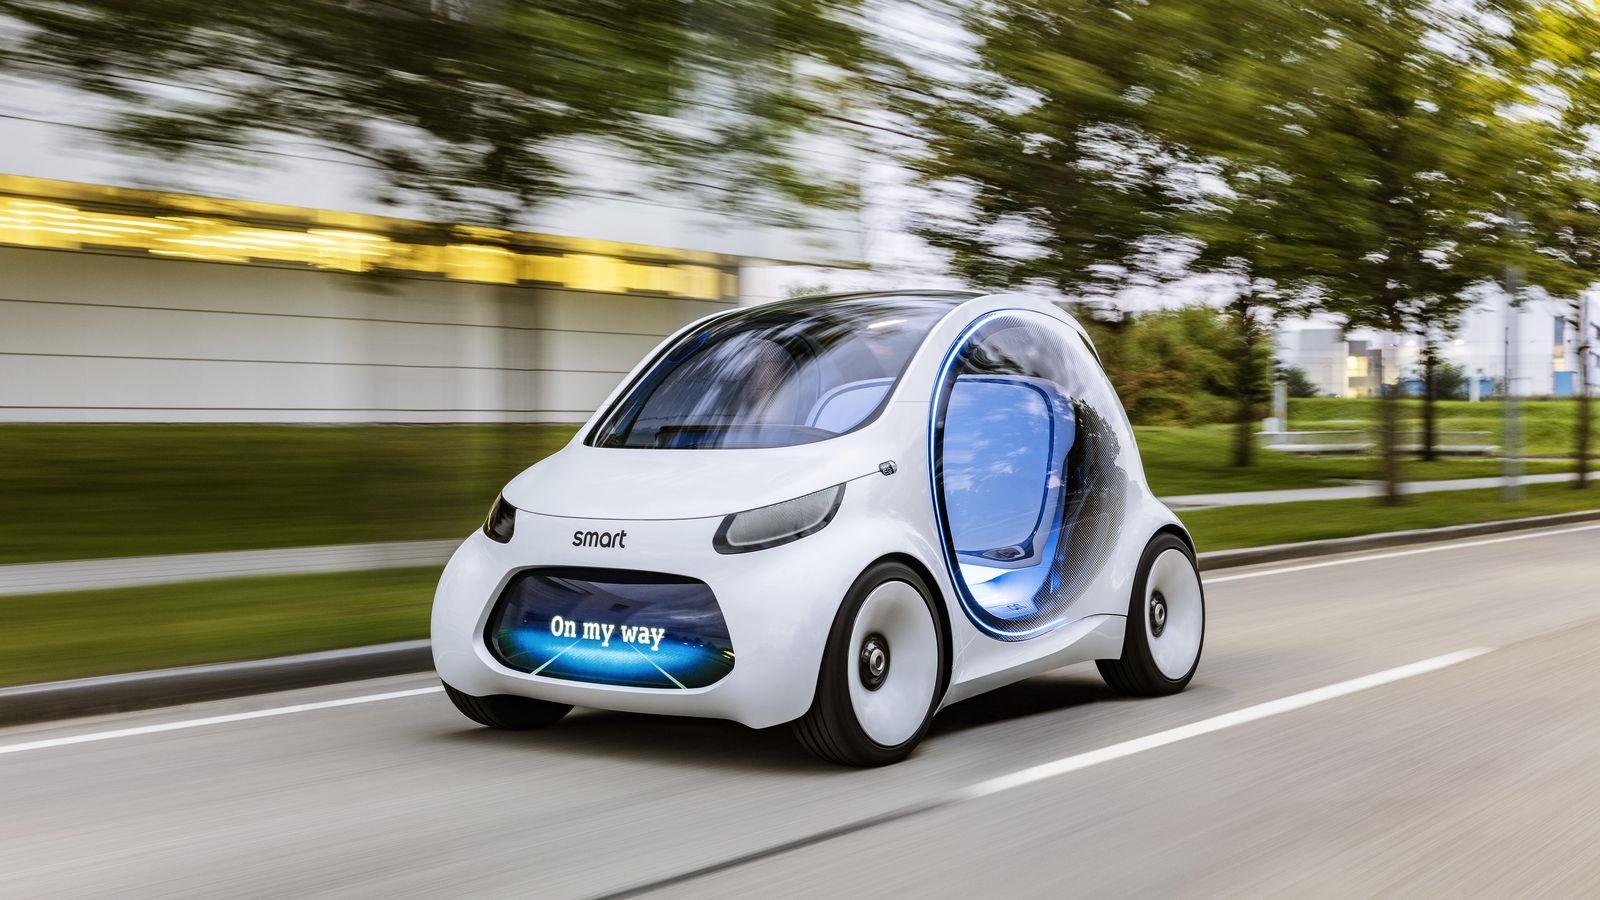 """O pequeno Smart Vision une eletricidade com direção autônoma e tem como foco o chamado """"car sharing"""", sistema de aluguel de carros. Foto Divulgação"""